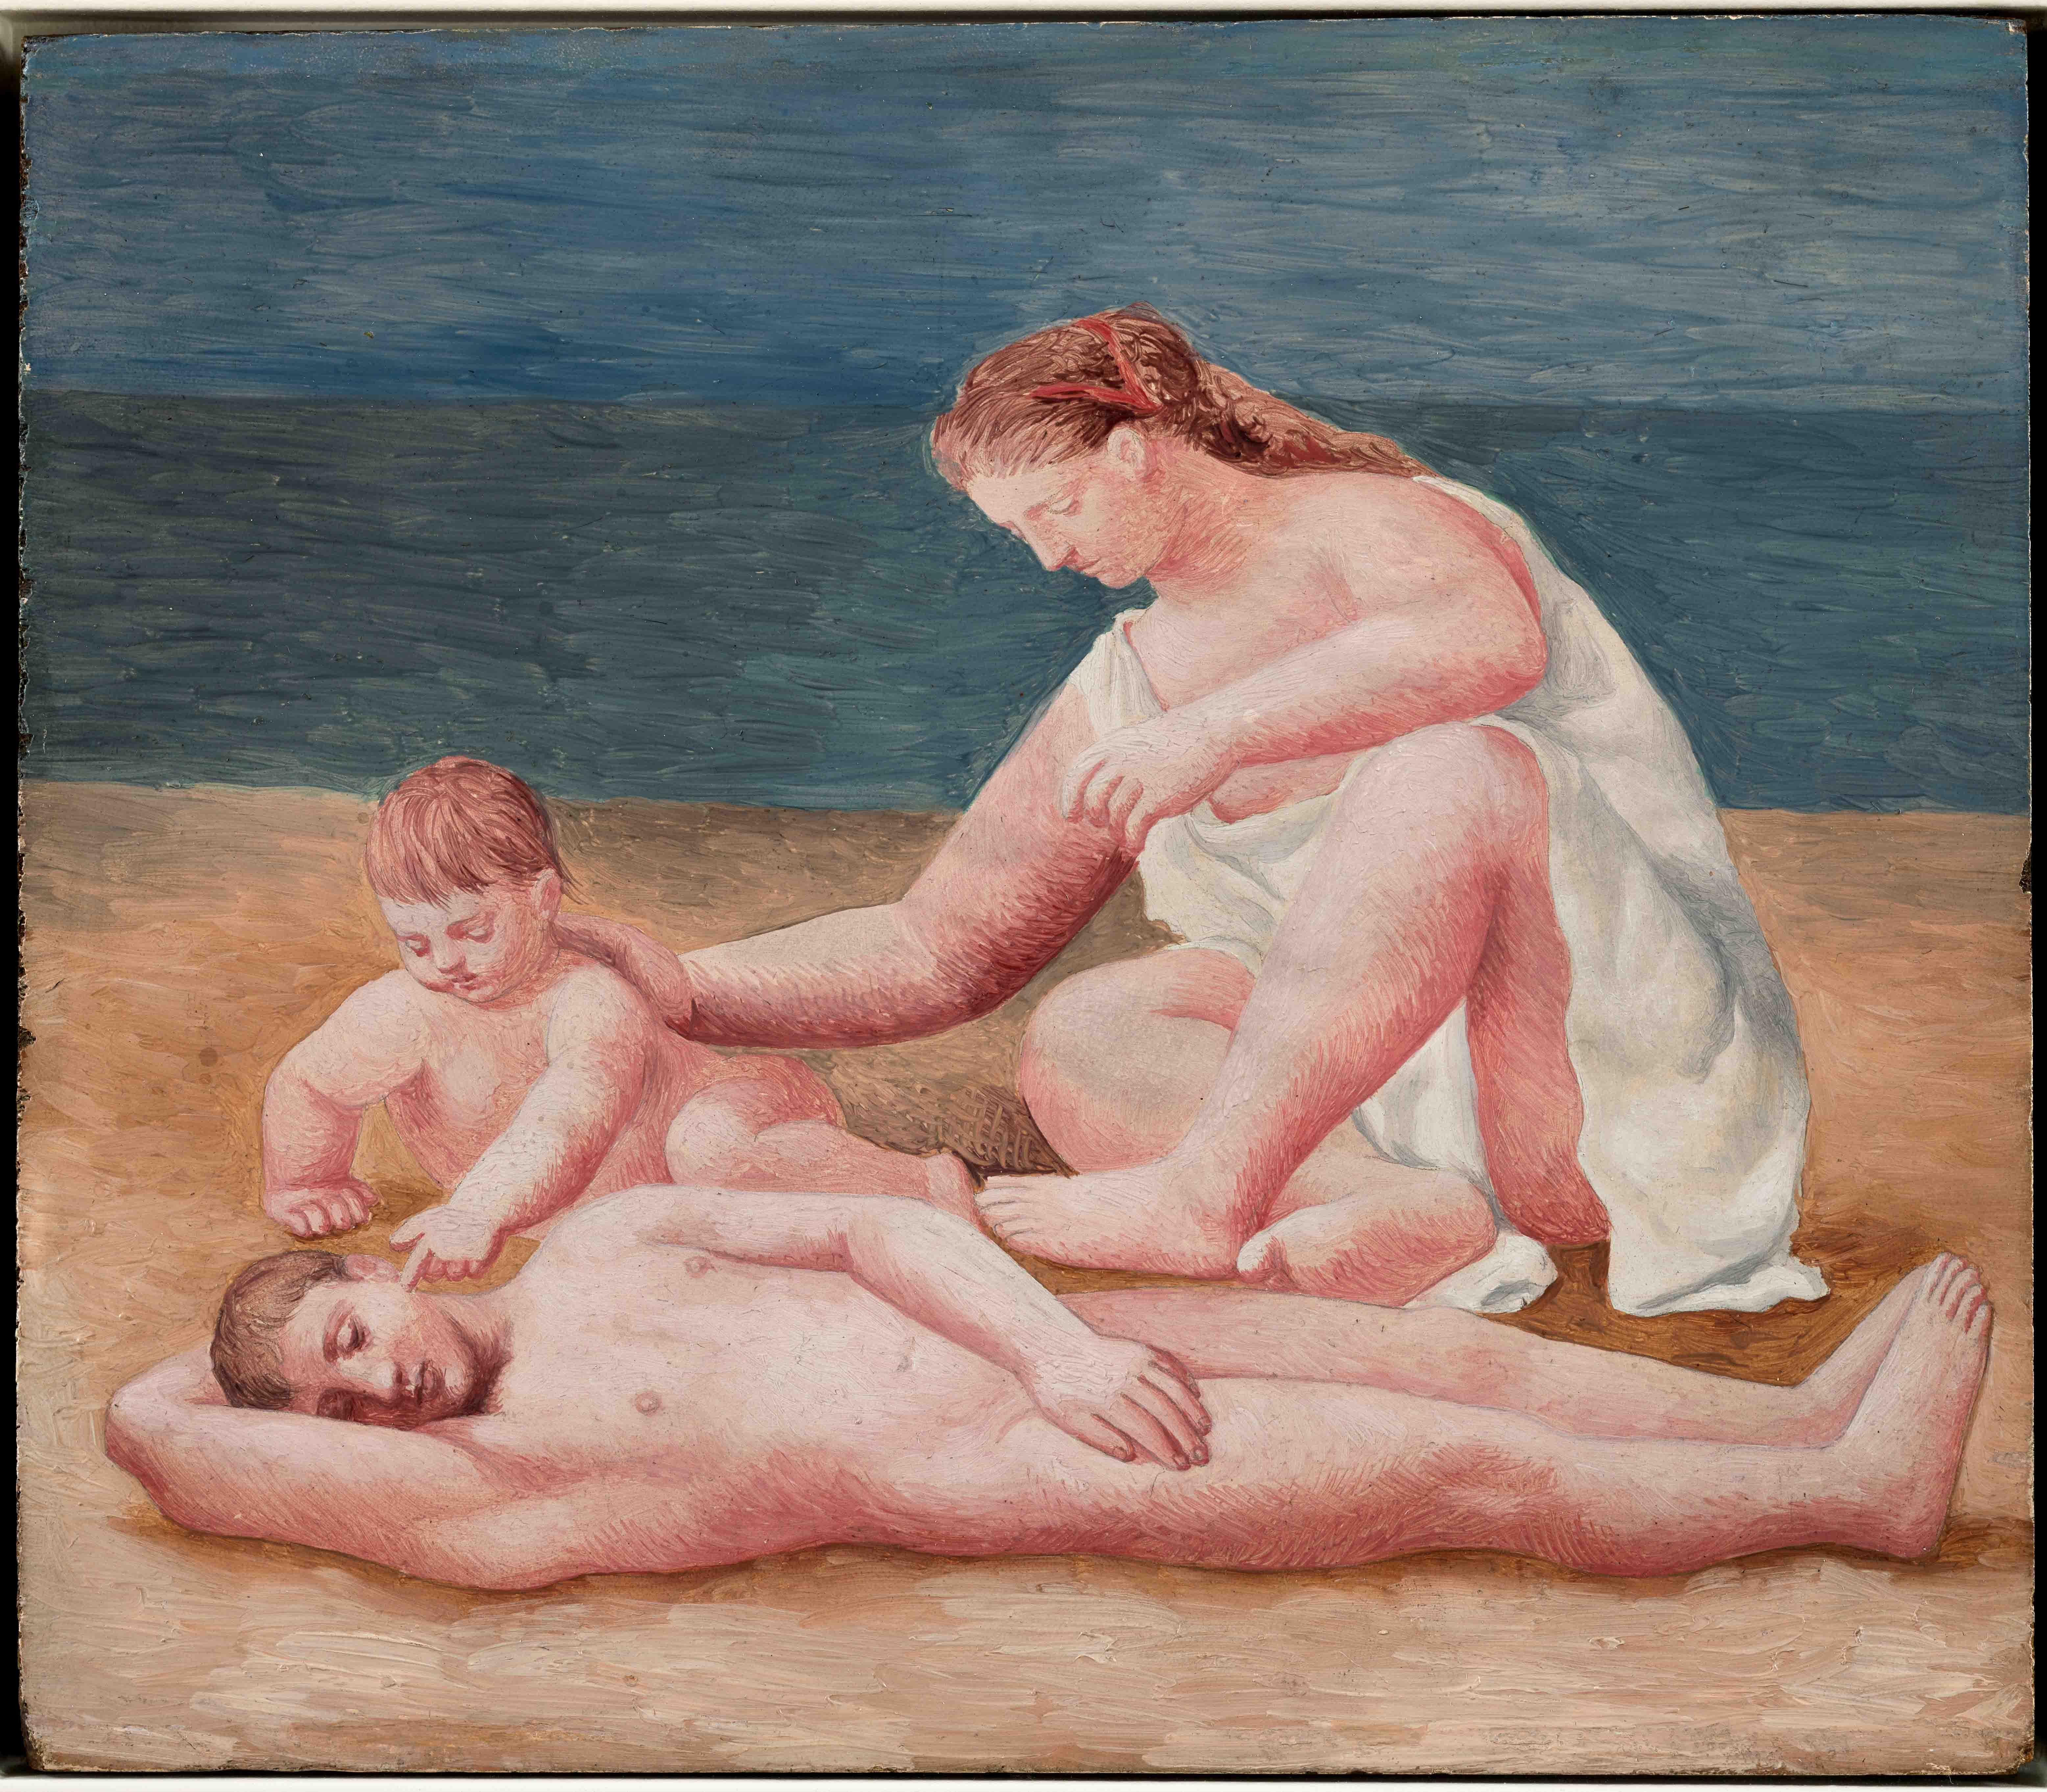 Пабло Пикассо. Семья наберегу моря. Динар, лето 1922 Национальный музей Пикассо, Париж